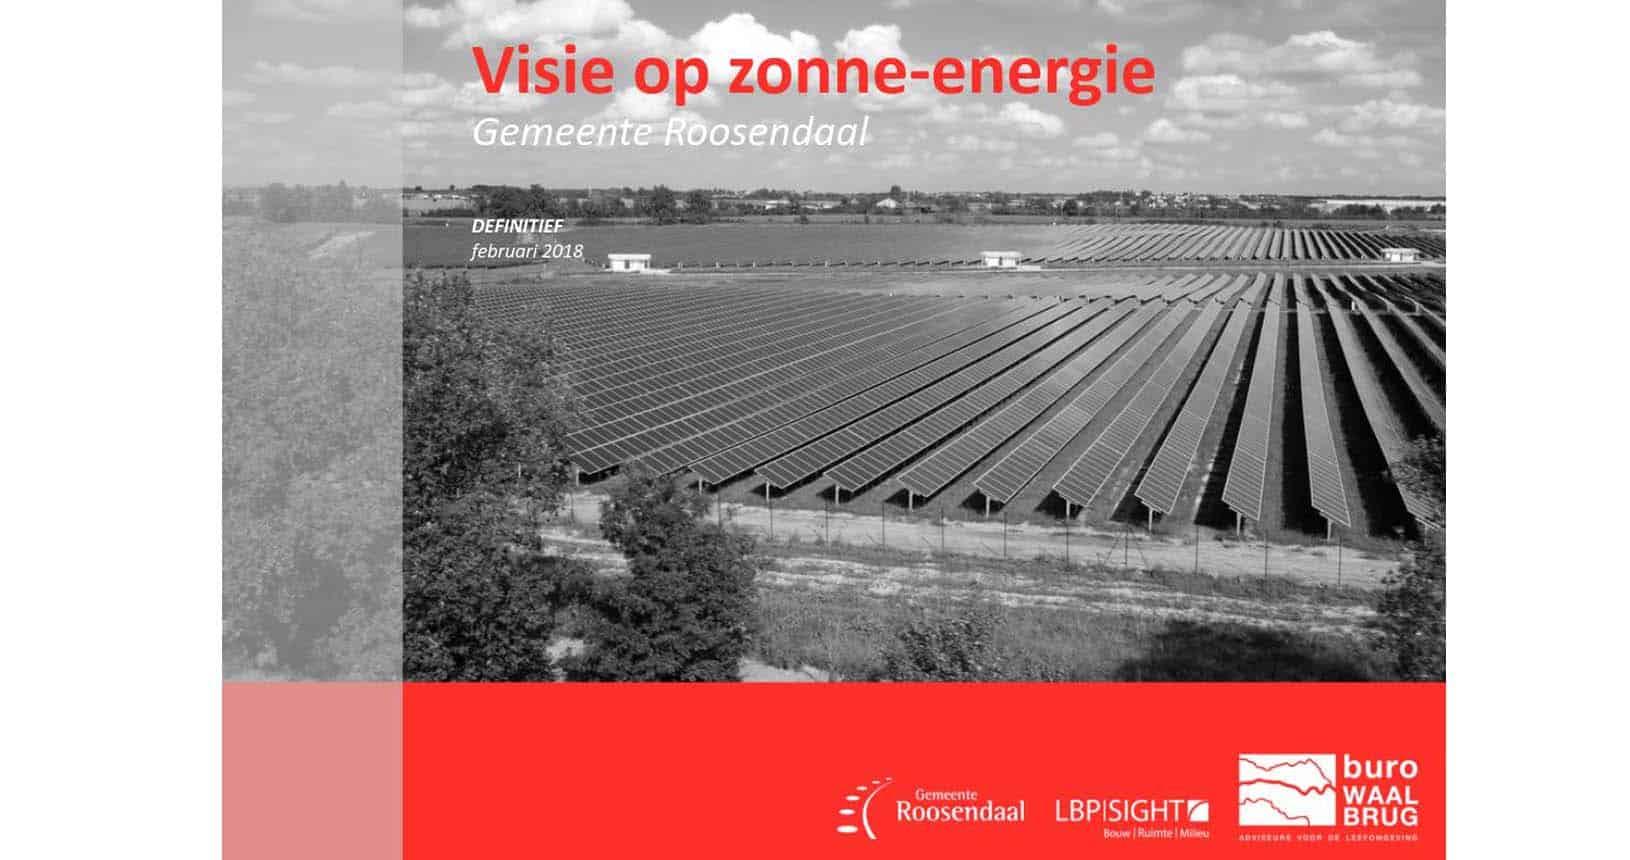 Visie-op-zonne-energie-Roosendaal-Buro-Waalbrug1